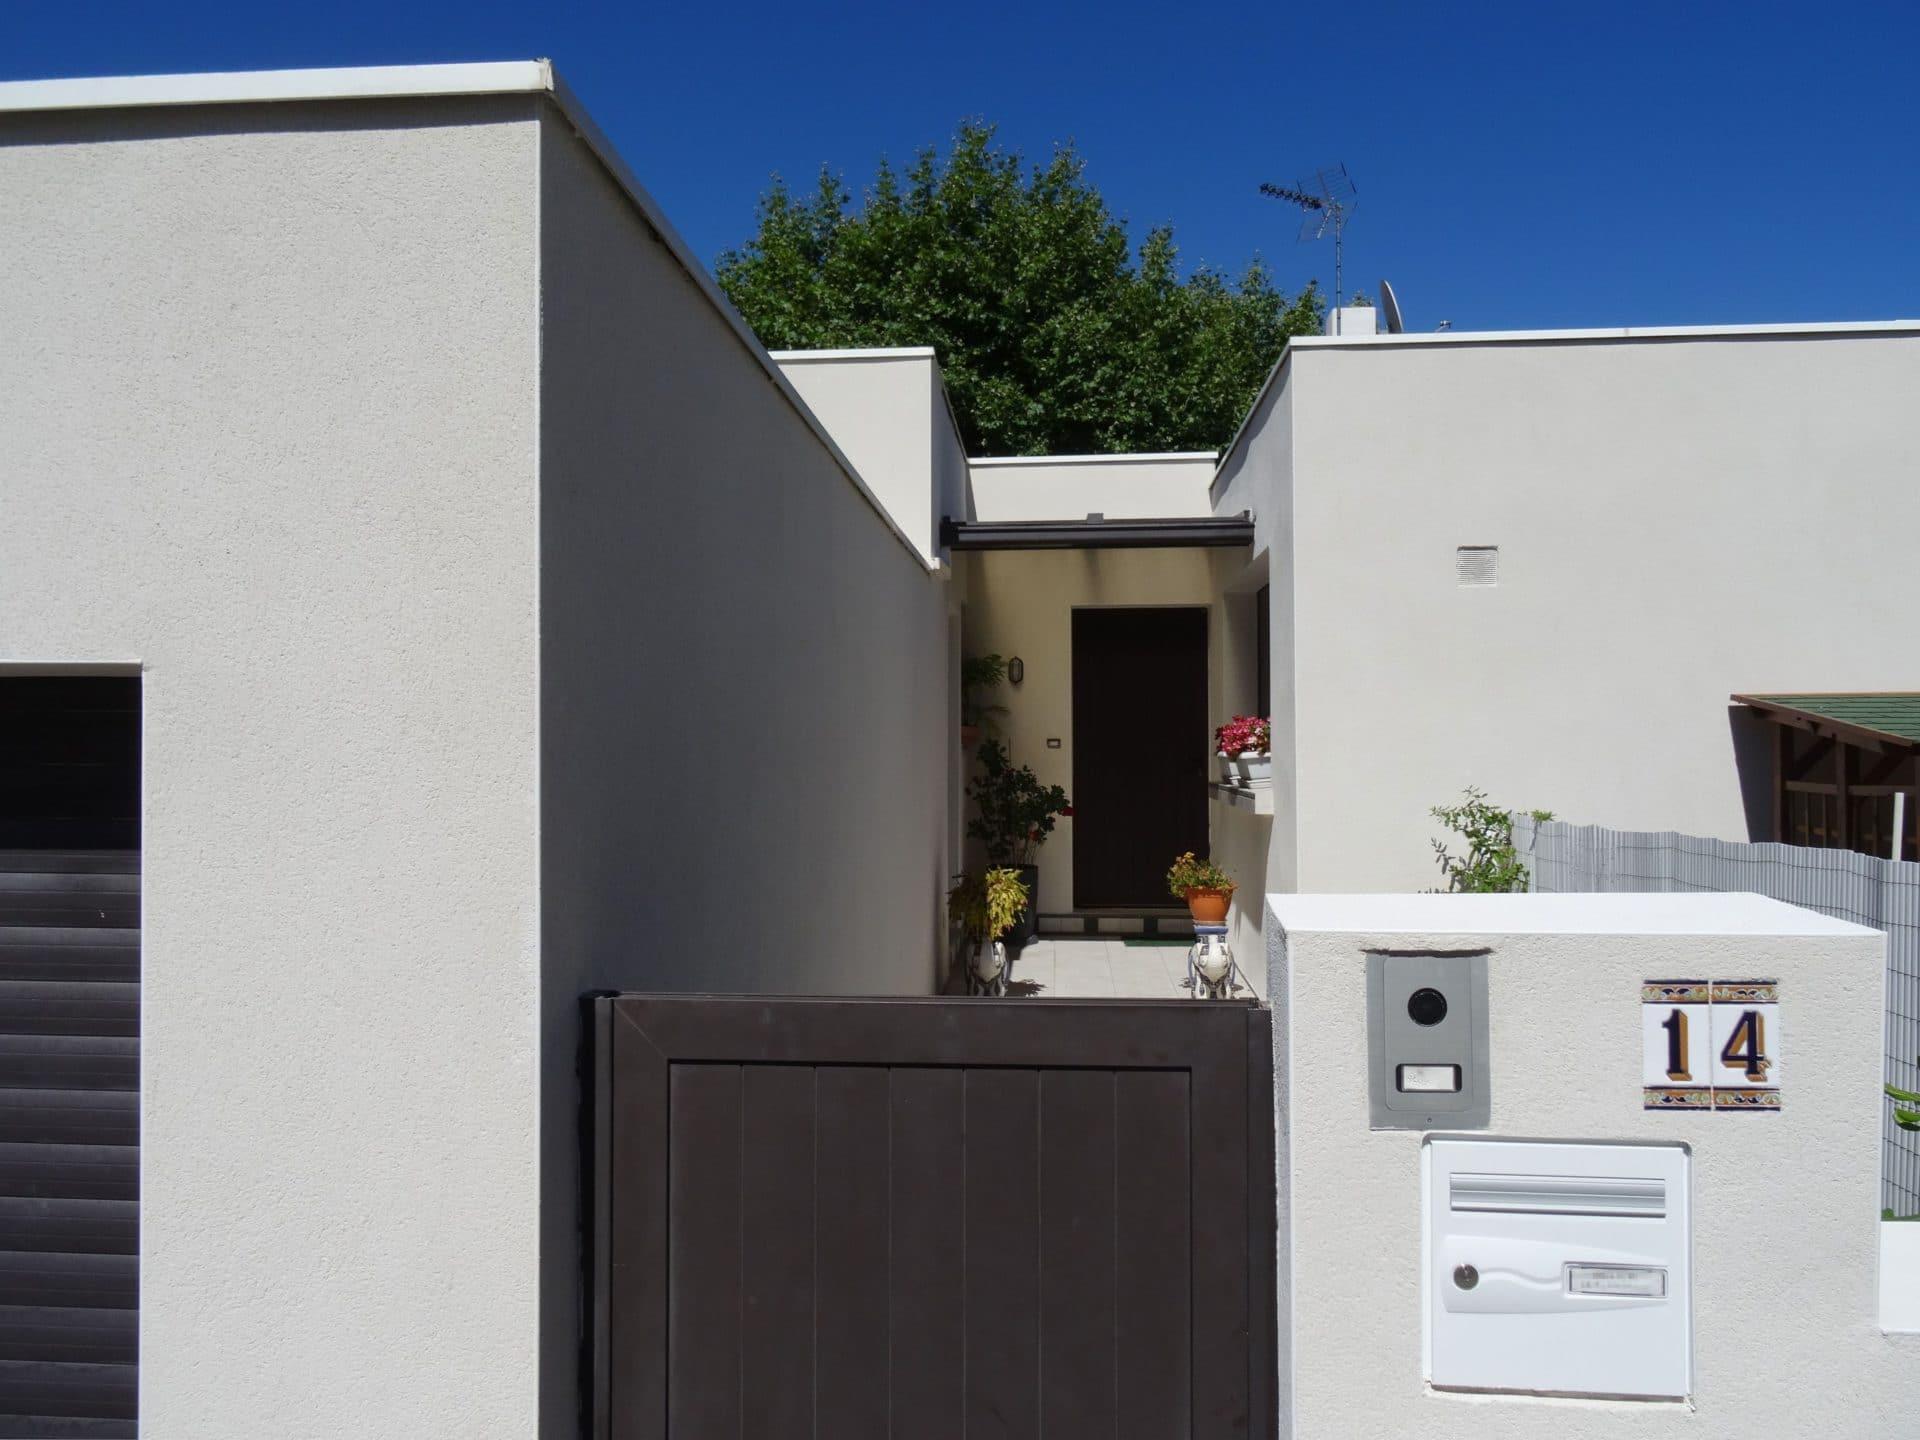 ravalement de fa ade maison r novation avec enduit ou cr pis illico. Black Bedroom Furniture Sets. Home Design Ideas